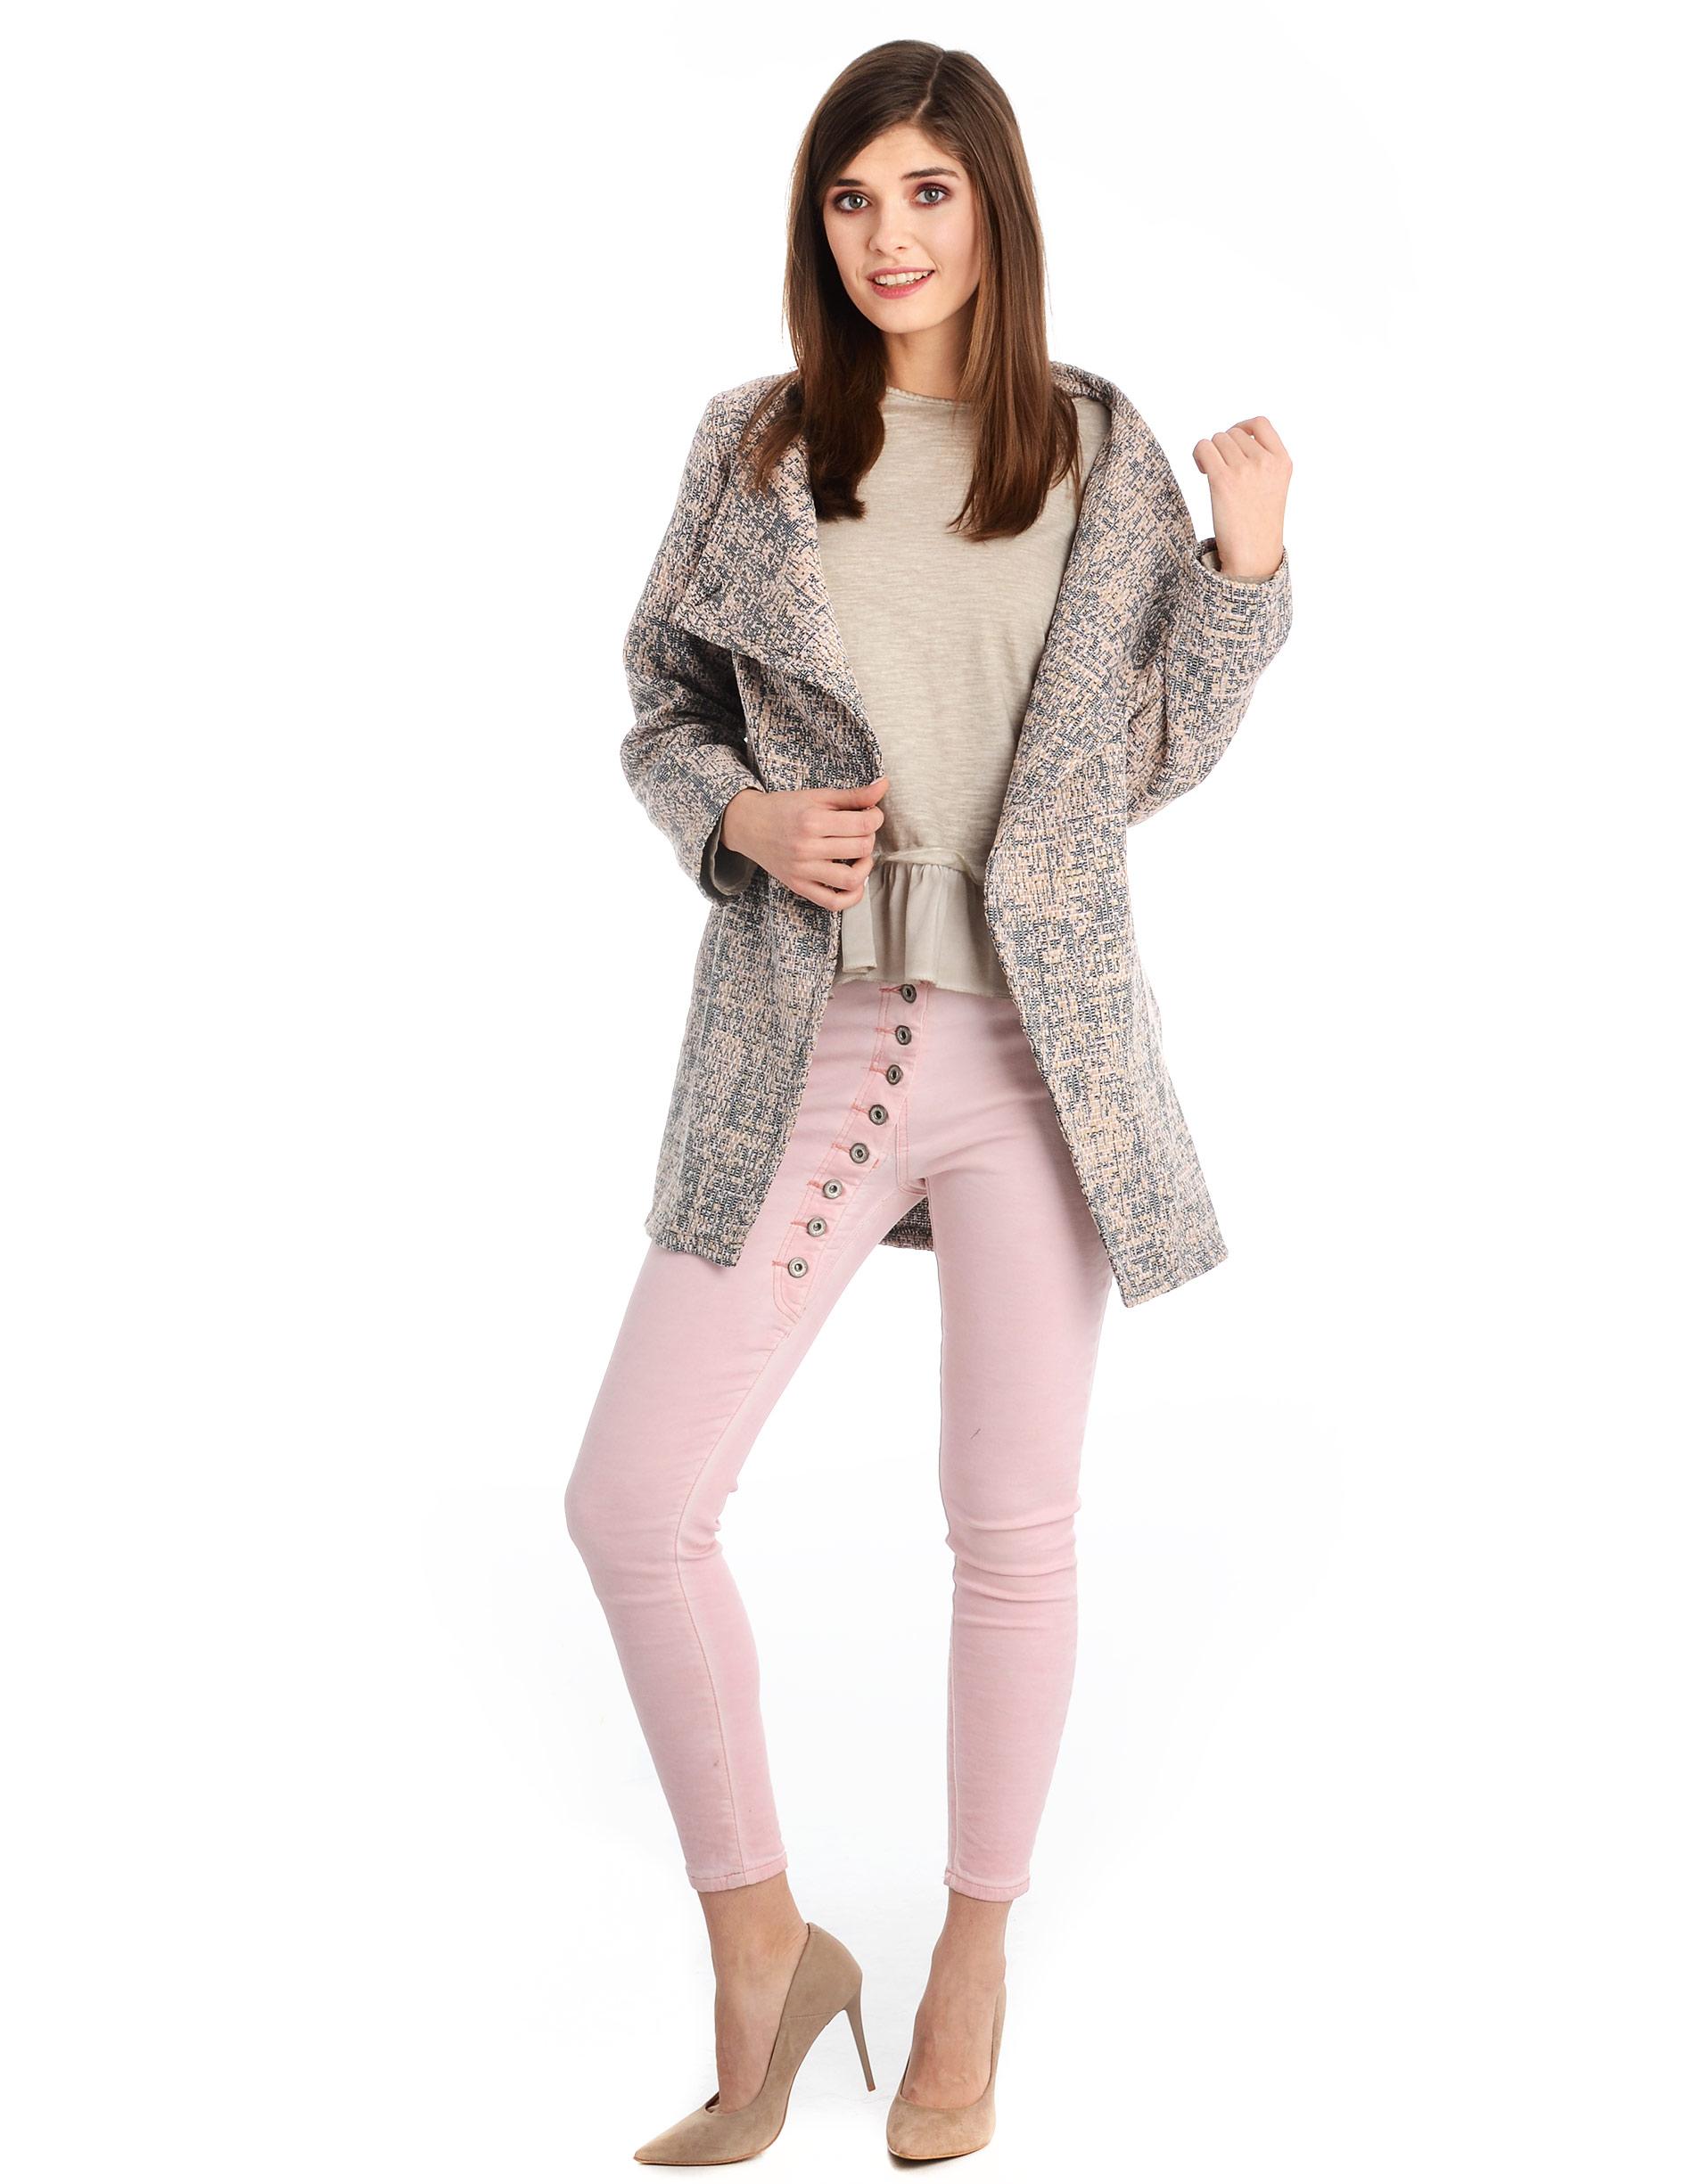 Płaszcz materiałowy - 34-3804 ROSA - Unisono